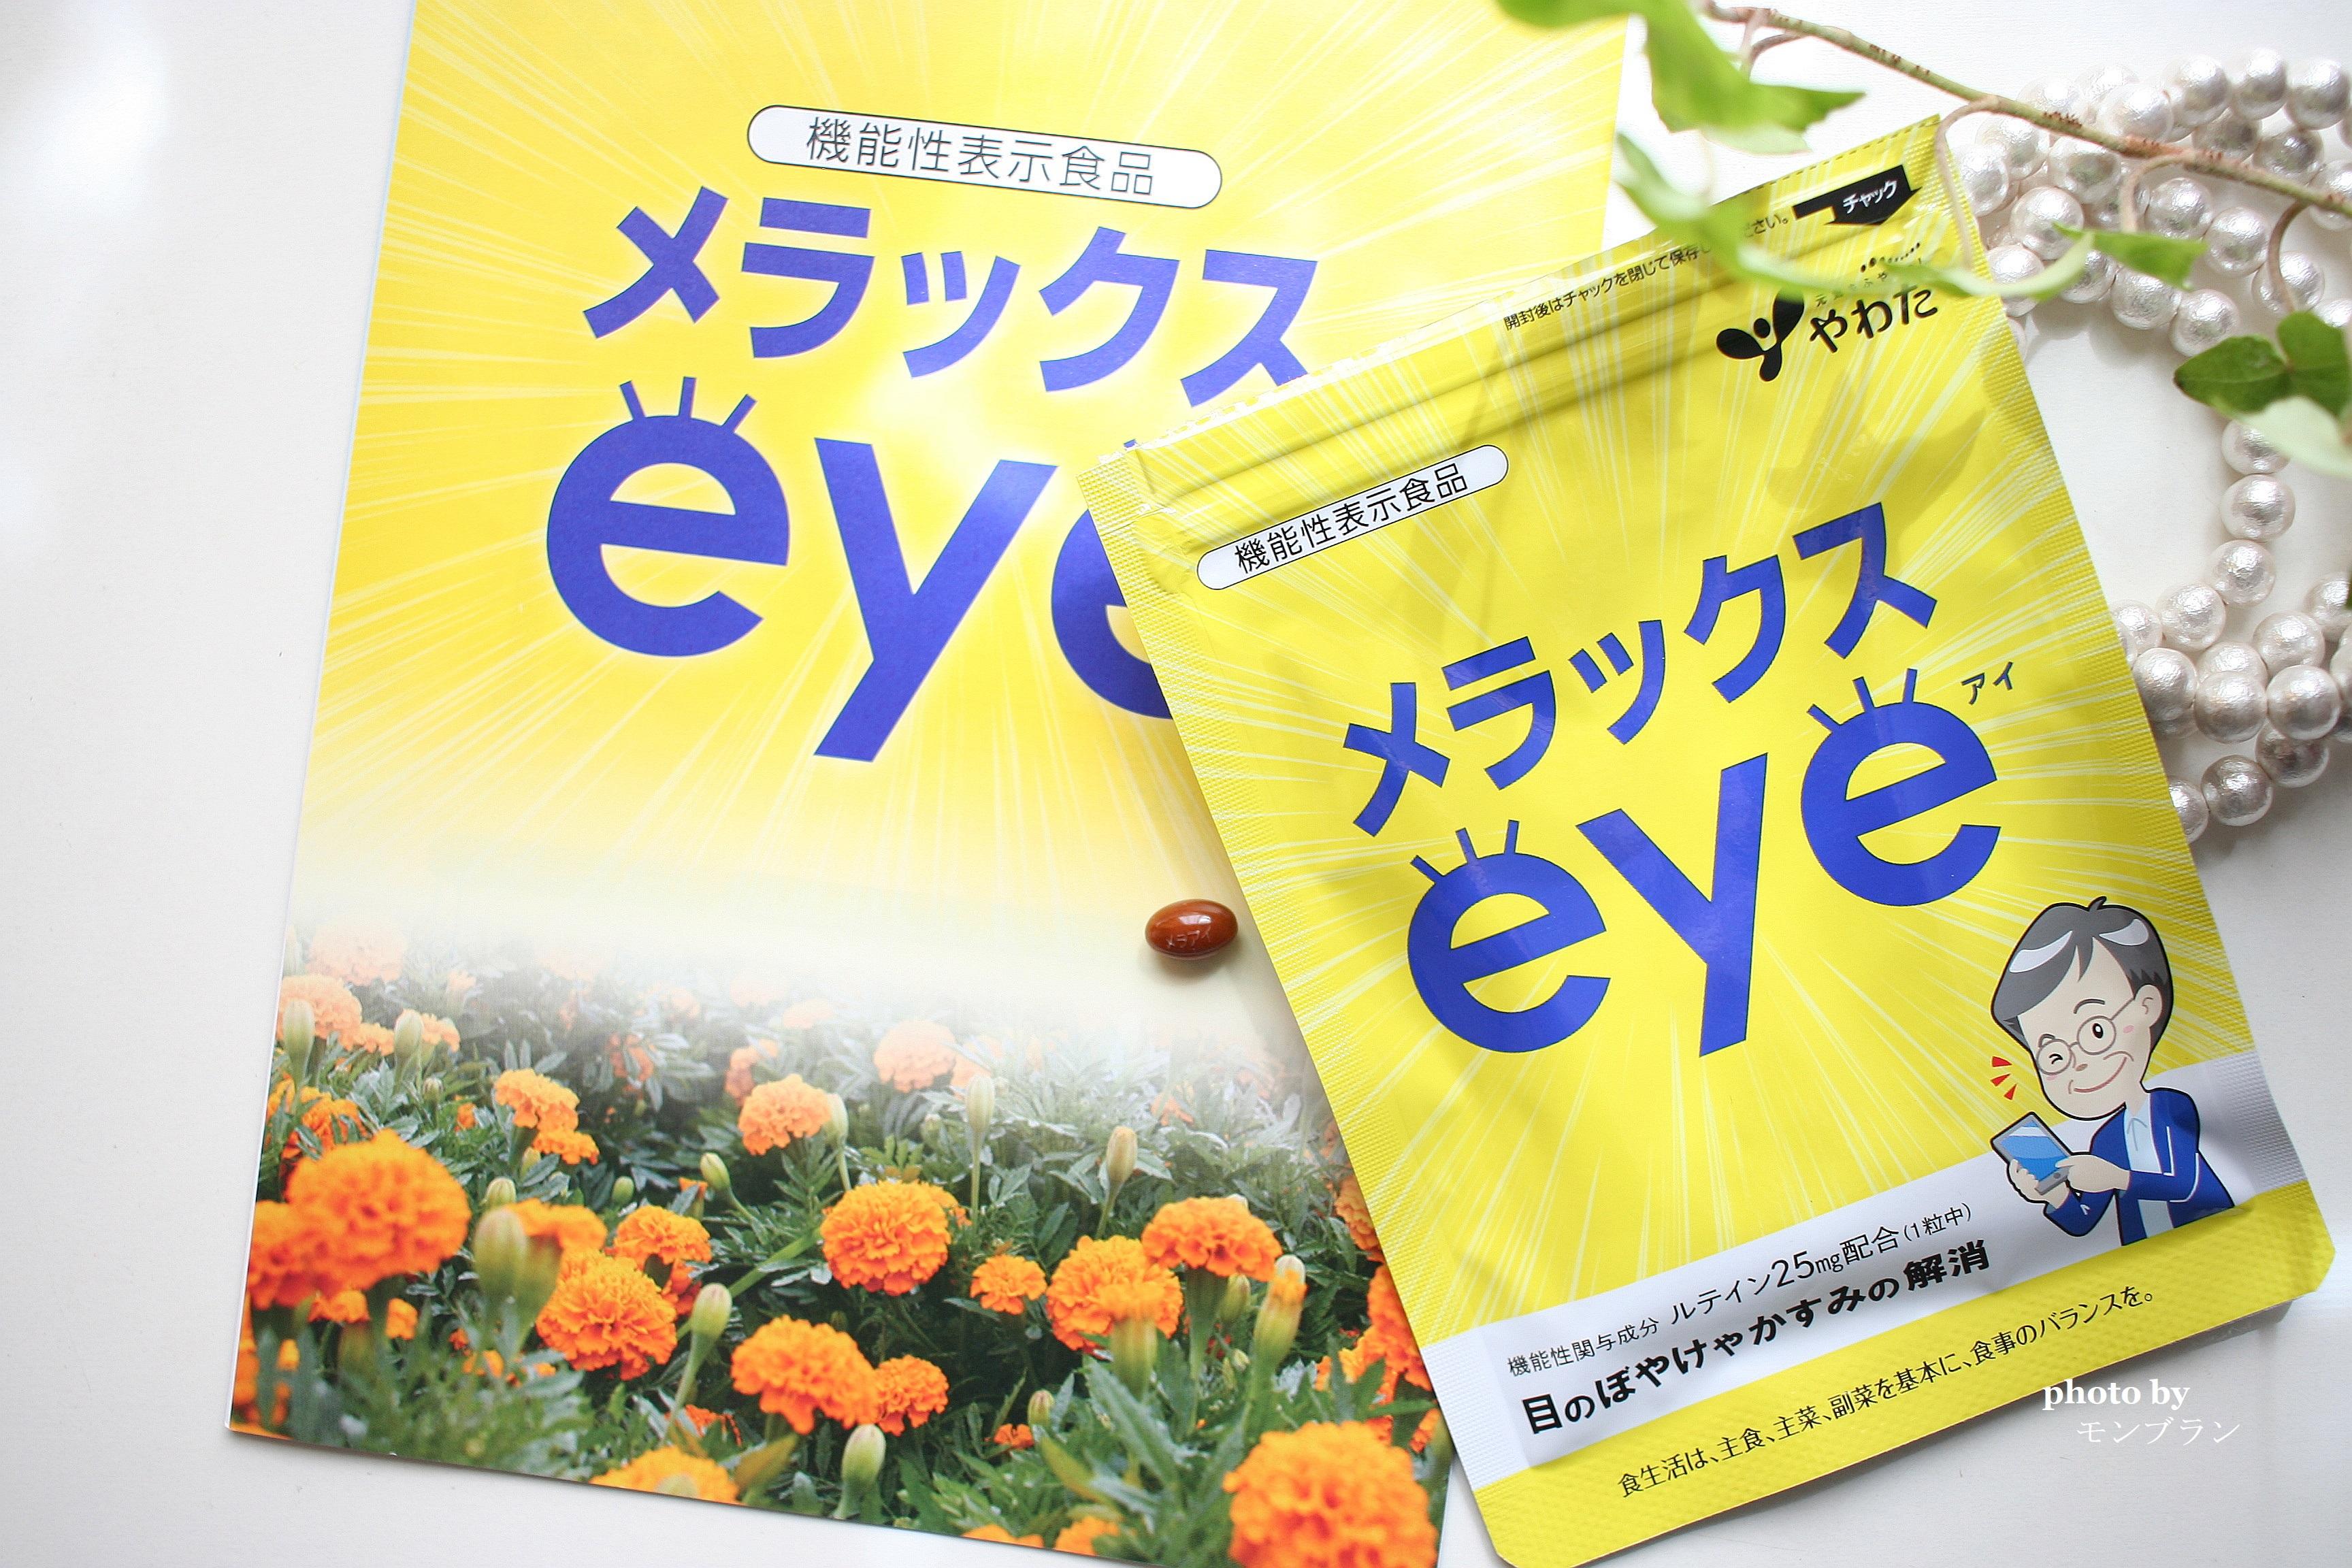 光刺激から目を守るルテインサプリメラックスアイをお得に買う方法